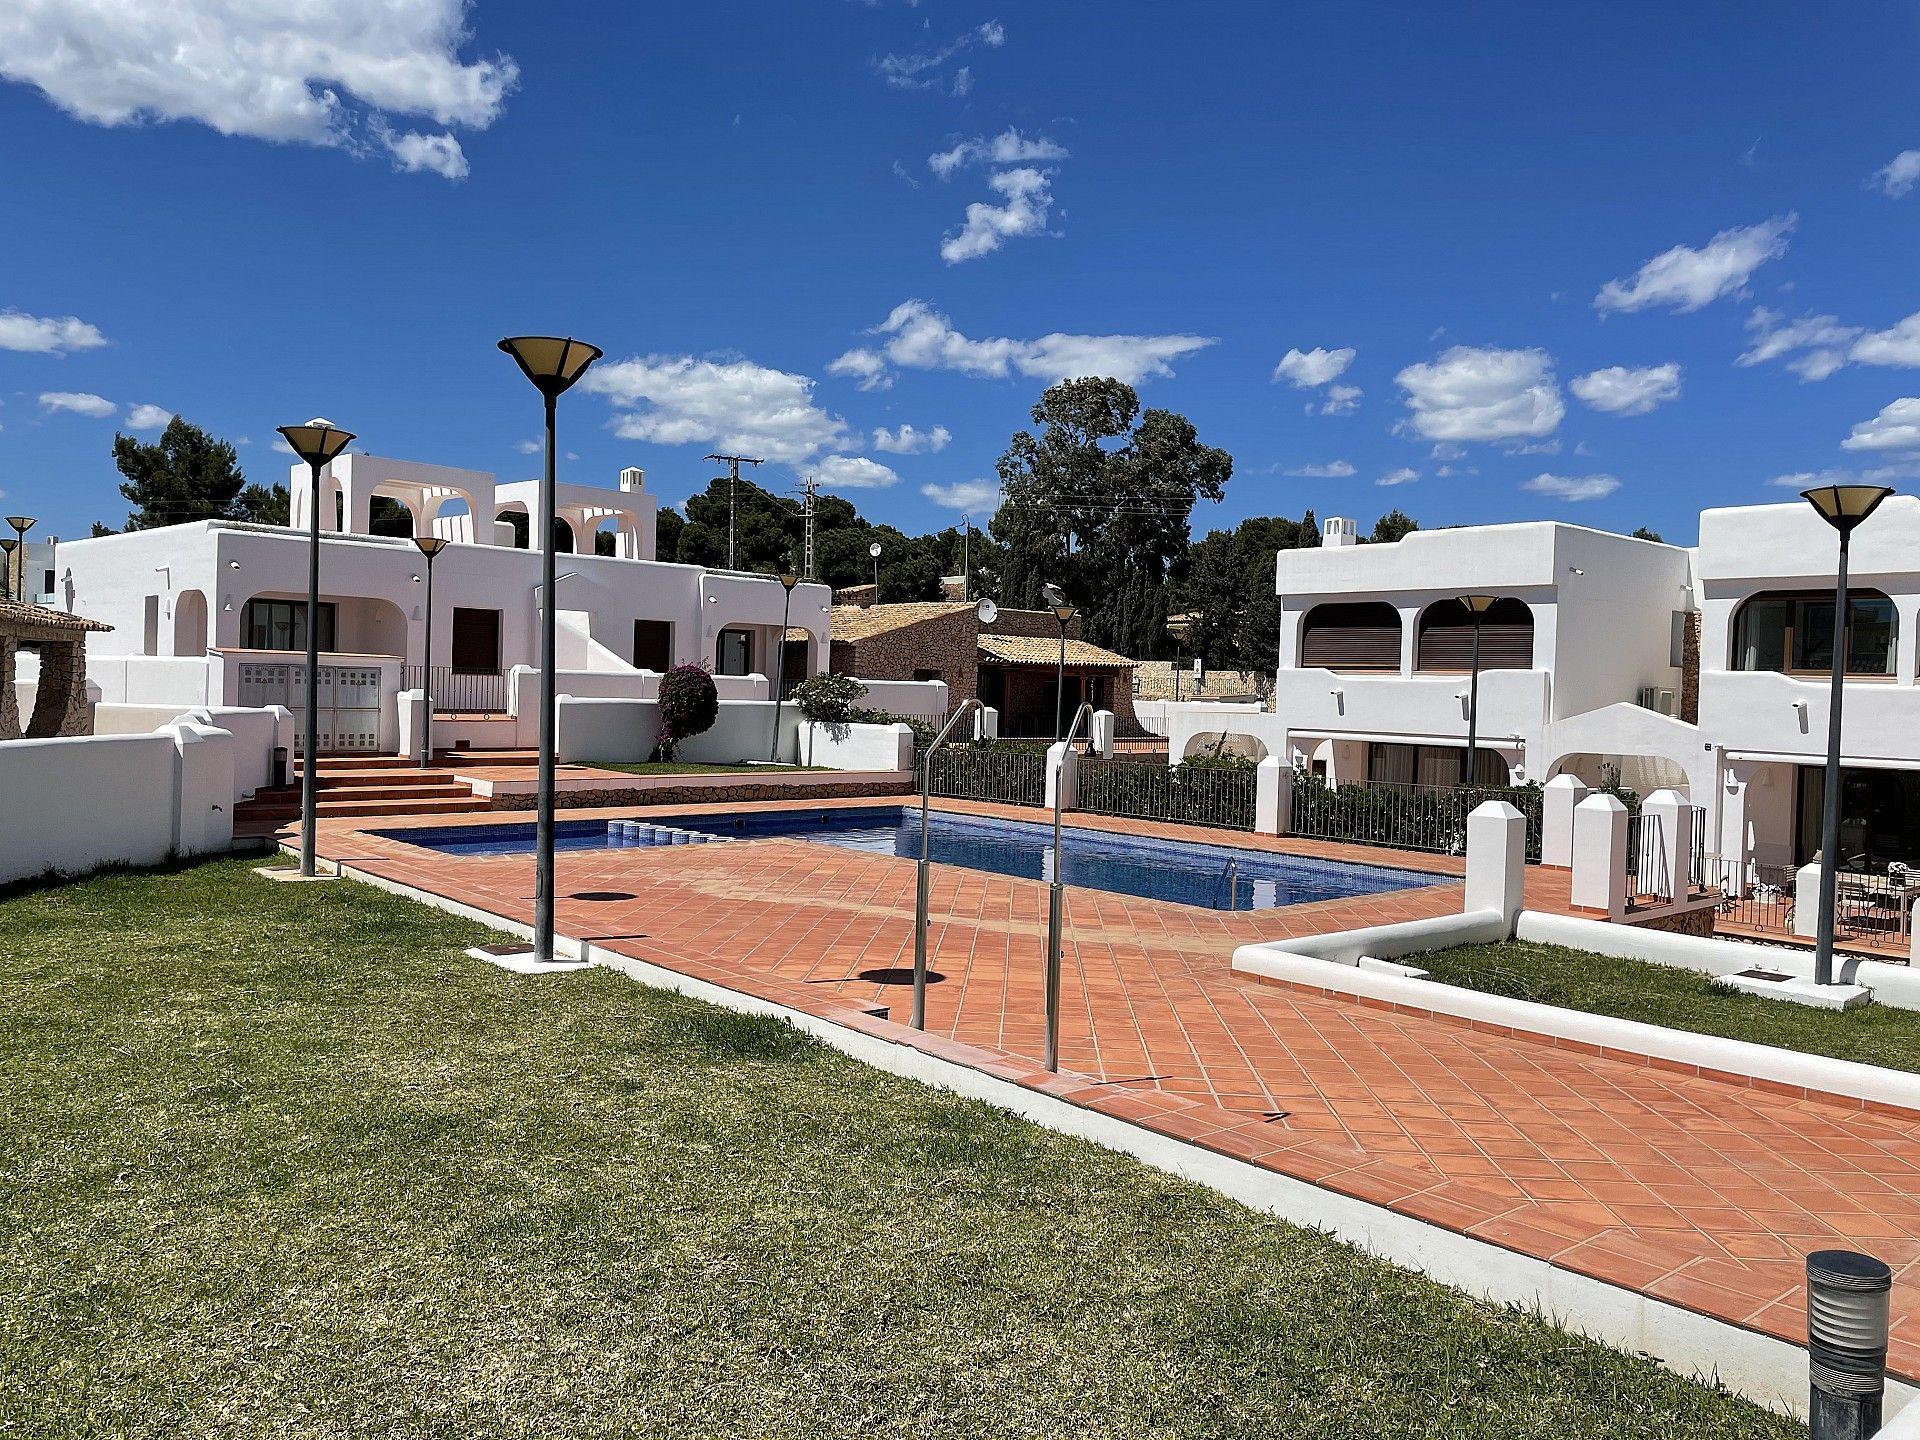 w_te-koop-huis-costa-blanca-benissa-calpe-zeezicht-h4003-01-2.jpeg